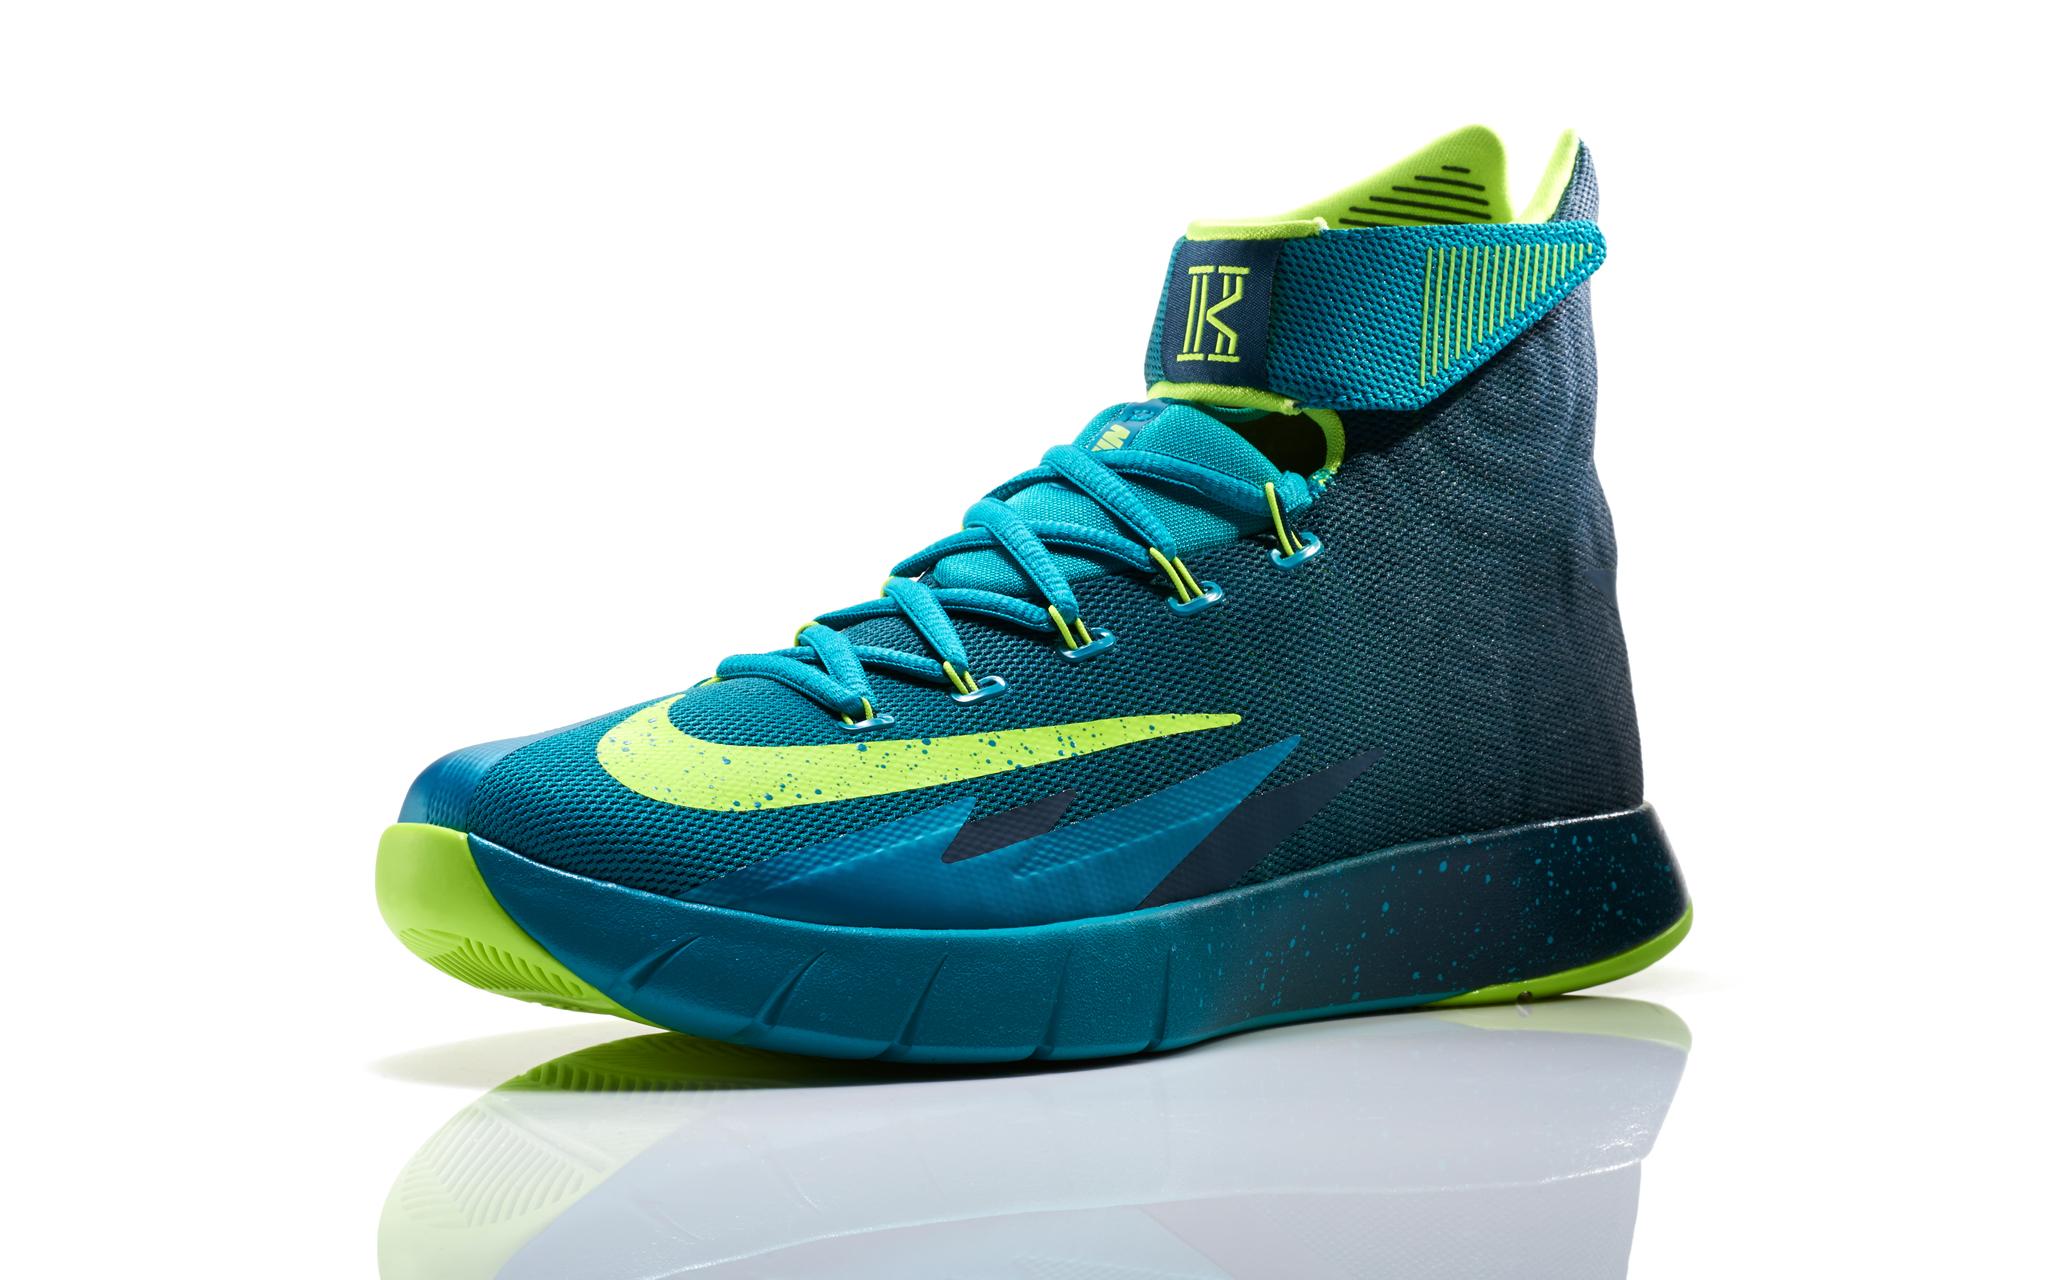 bc0538daba8e6 Nike Zoom HyperRev Kyrie Irving PE – Foot Locker Blog